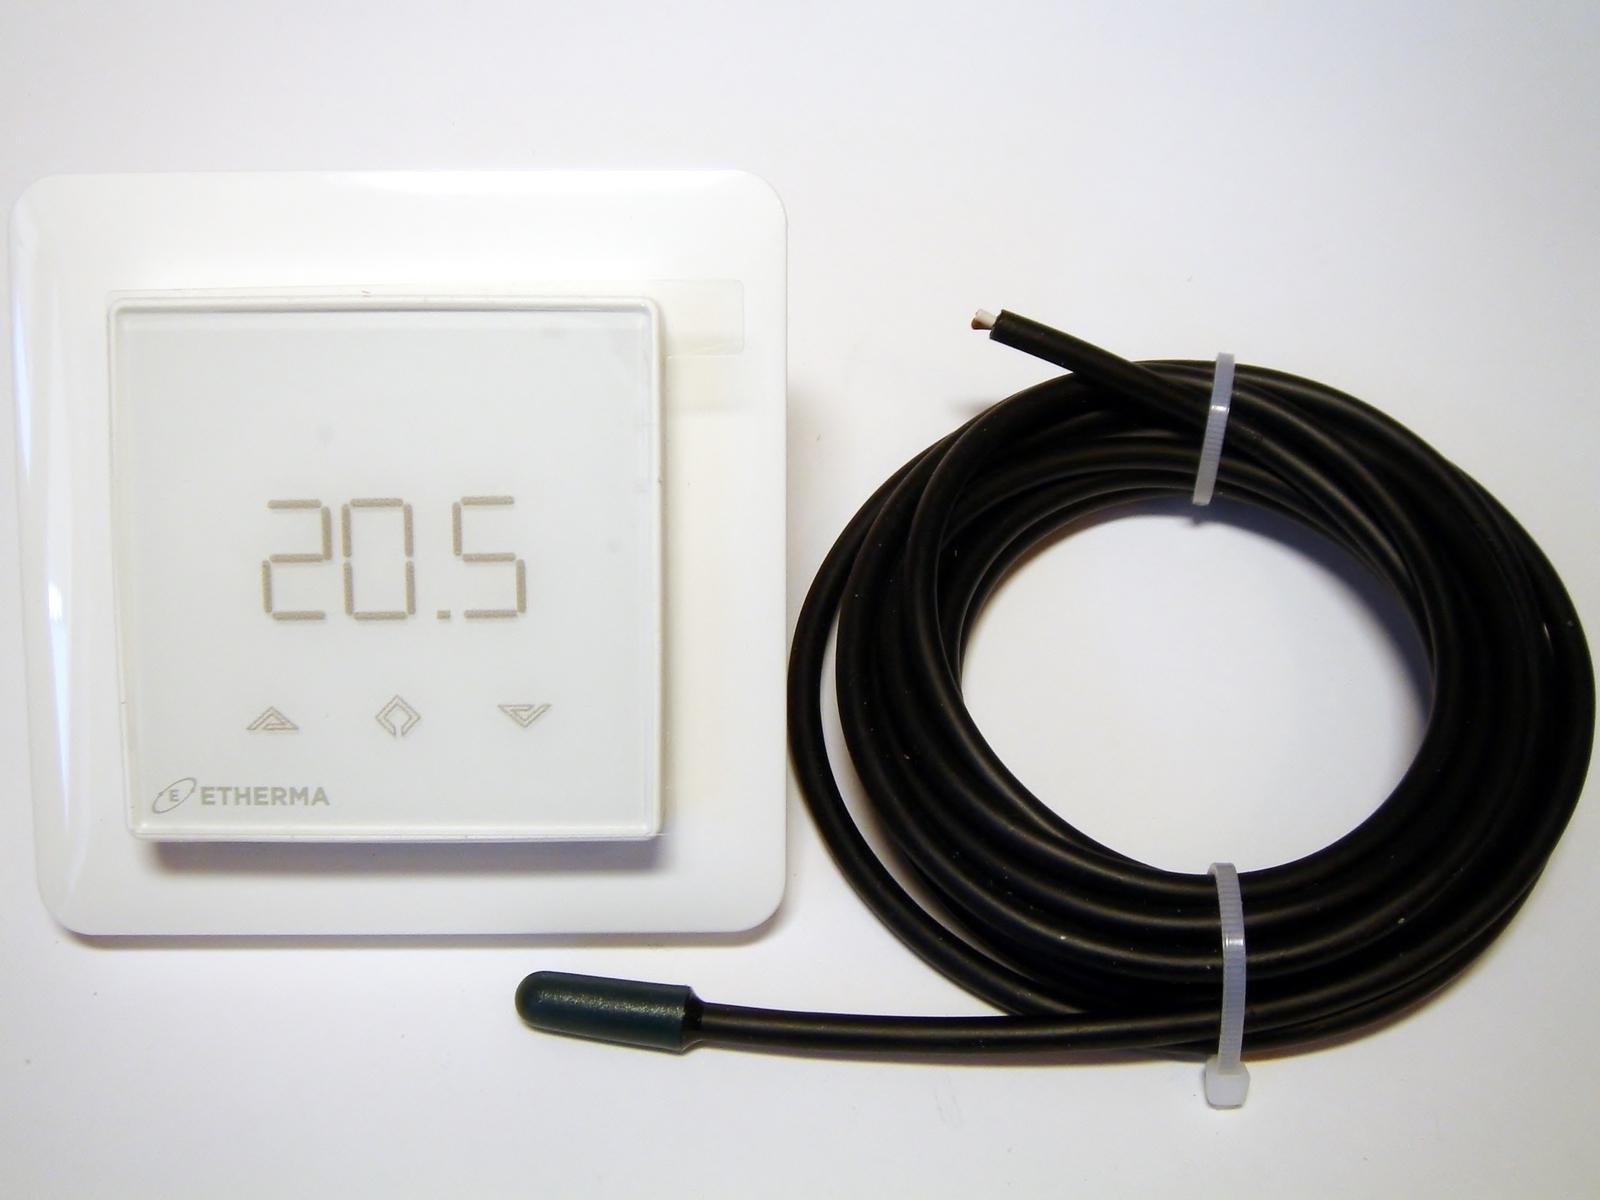 Termostaat ETH-7-Segment, Etherma, (16А) 3600 W